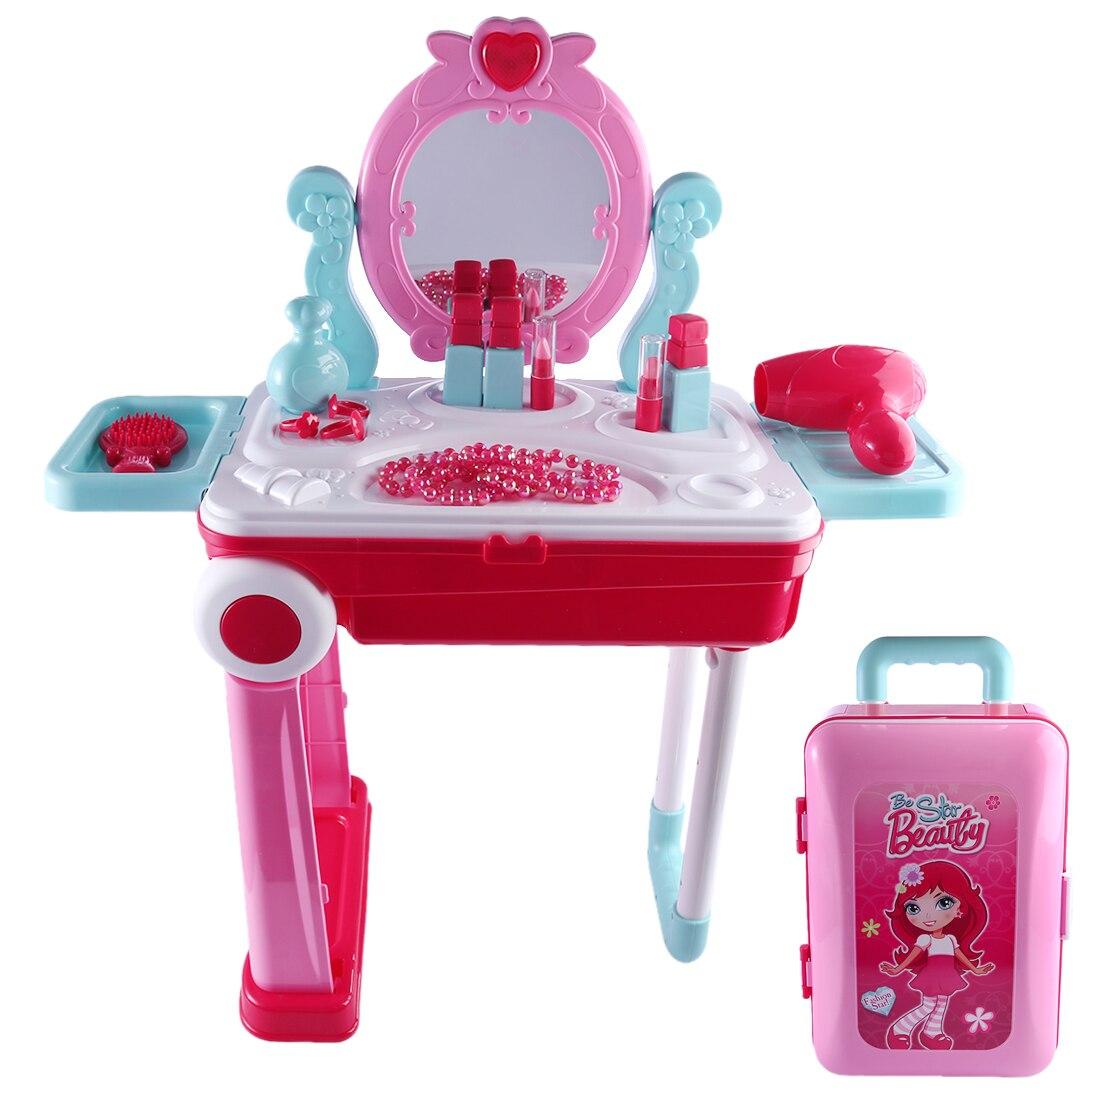 Детская Красота Макияж Наборы инструментов претендует Workbench Playset развивающие игрушки с Чемодан Organizer-розовый